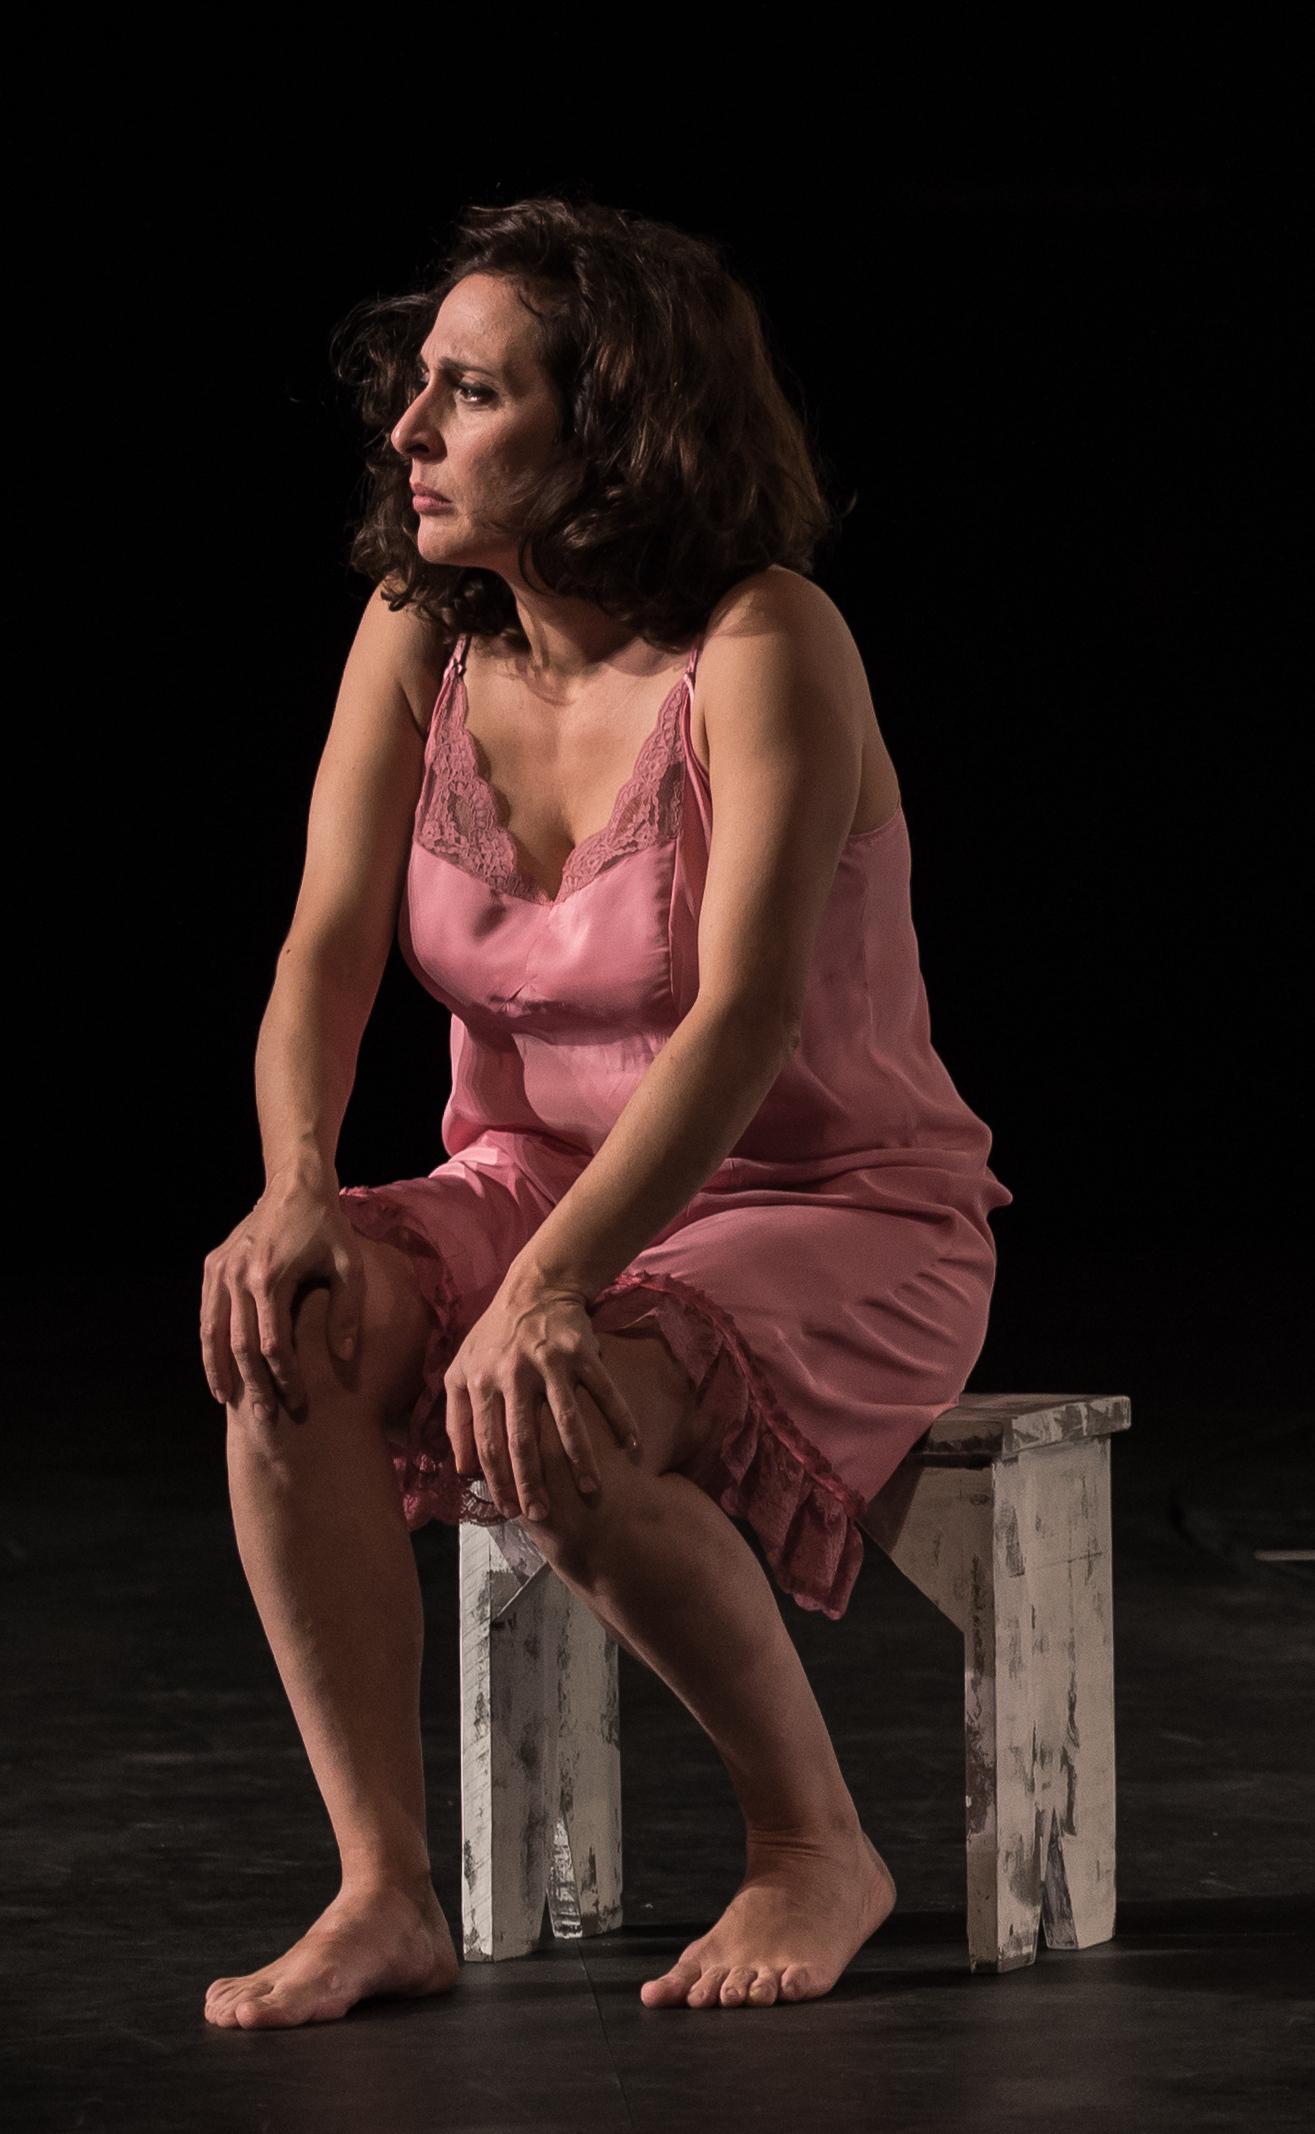 Clara Segura Nude Photos 66